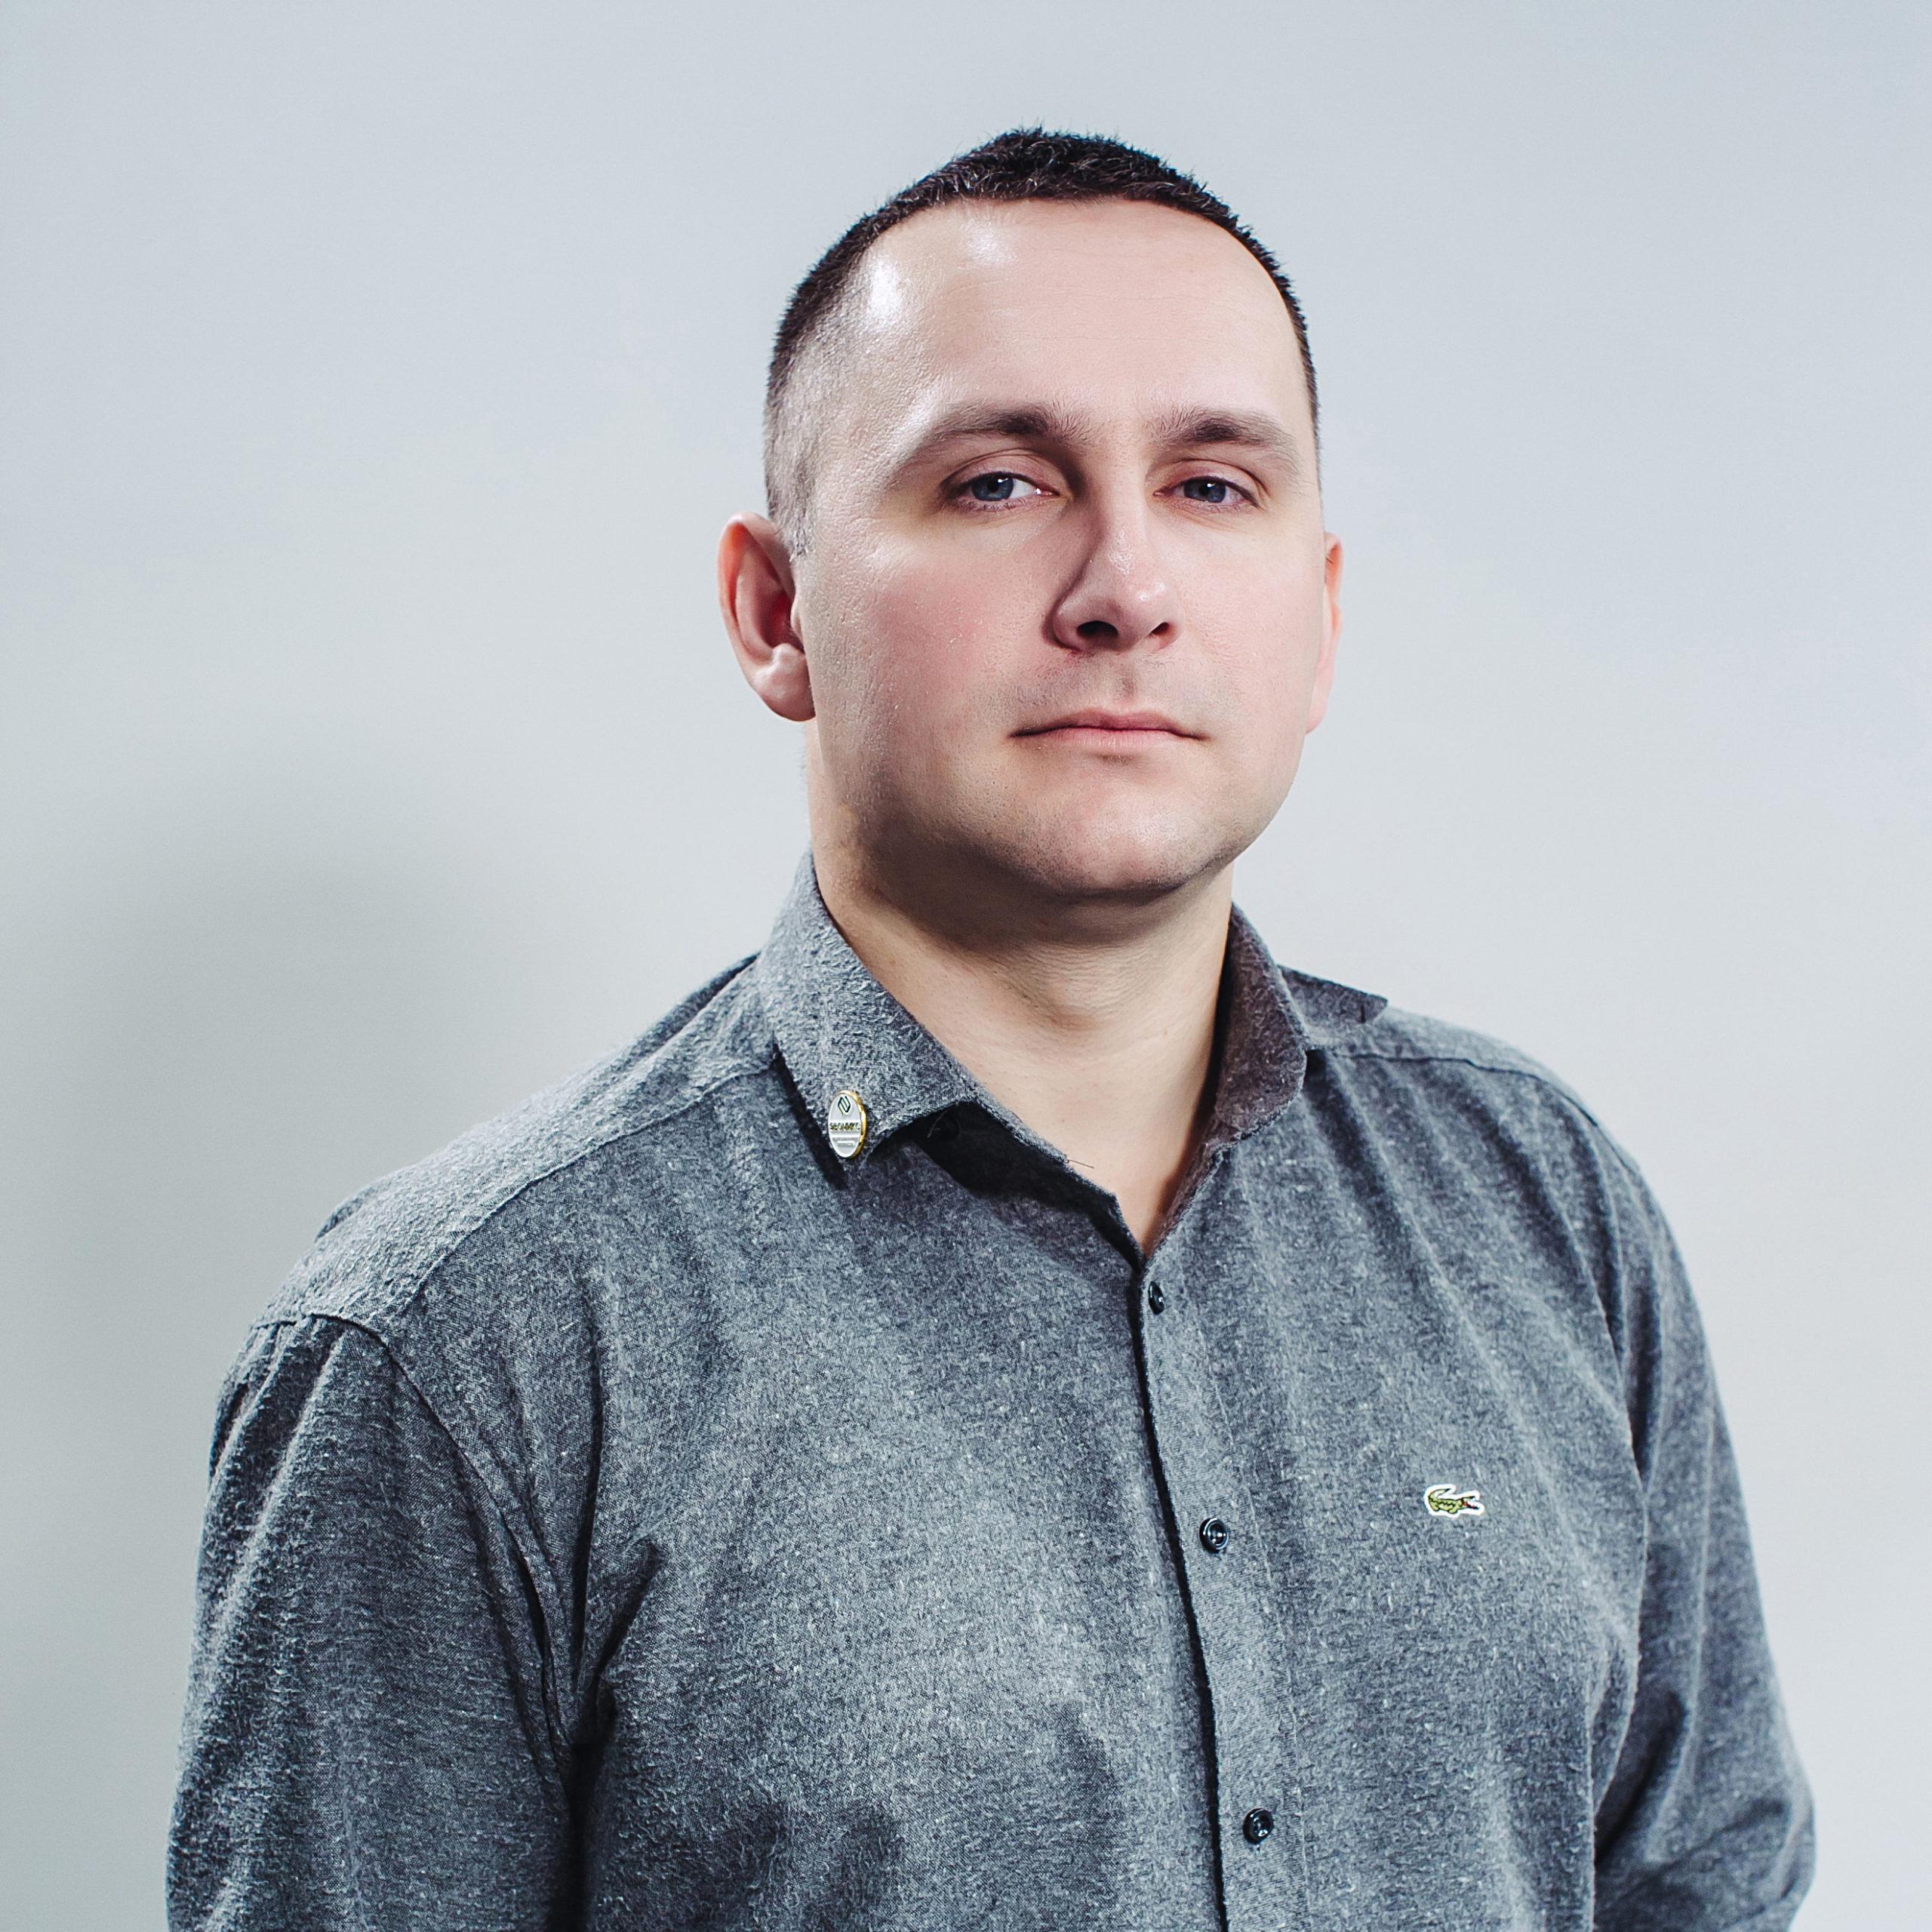 Лукьянчиков Семен Геннадьевич